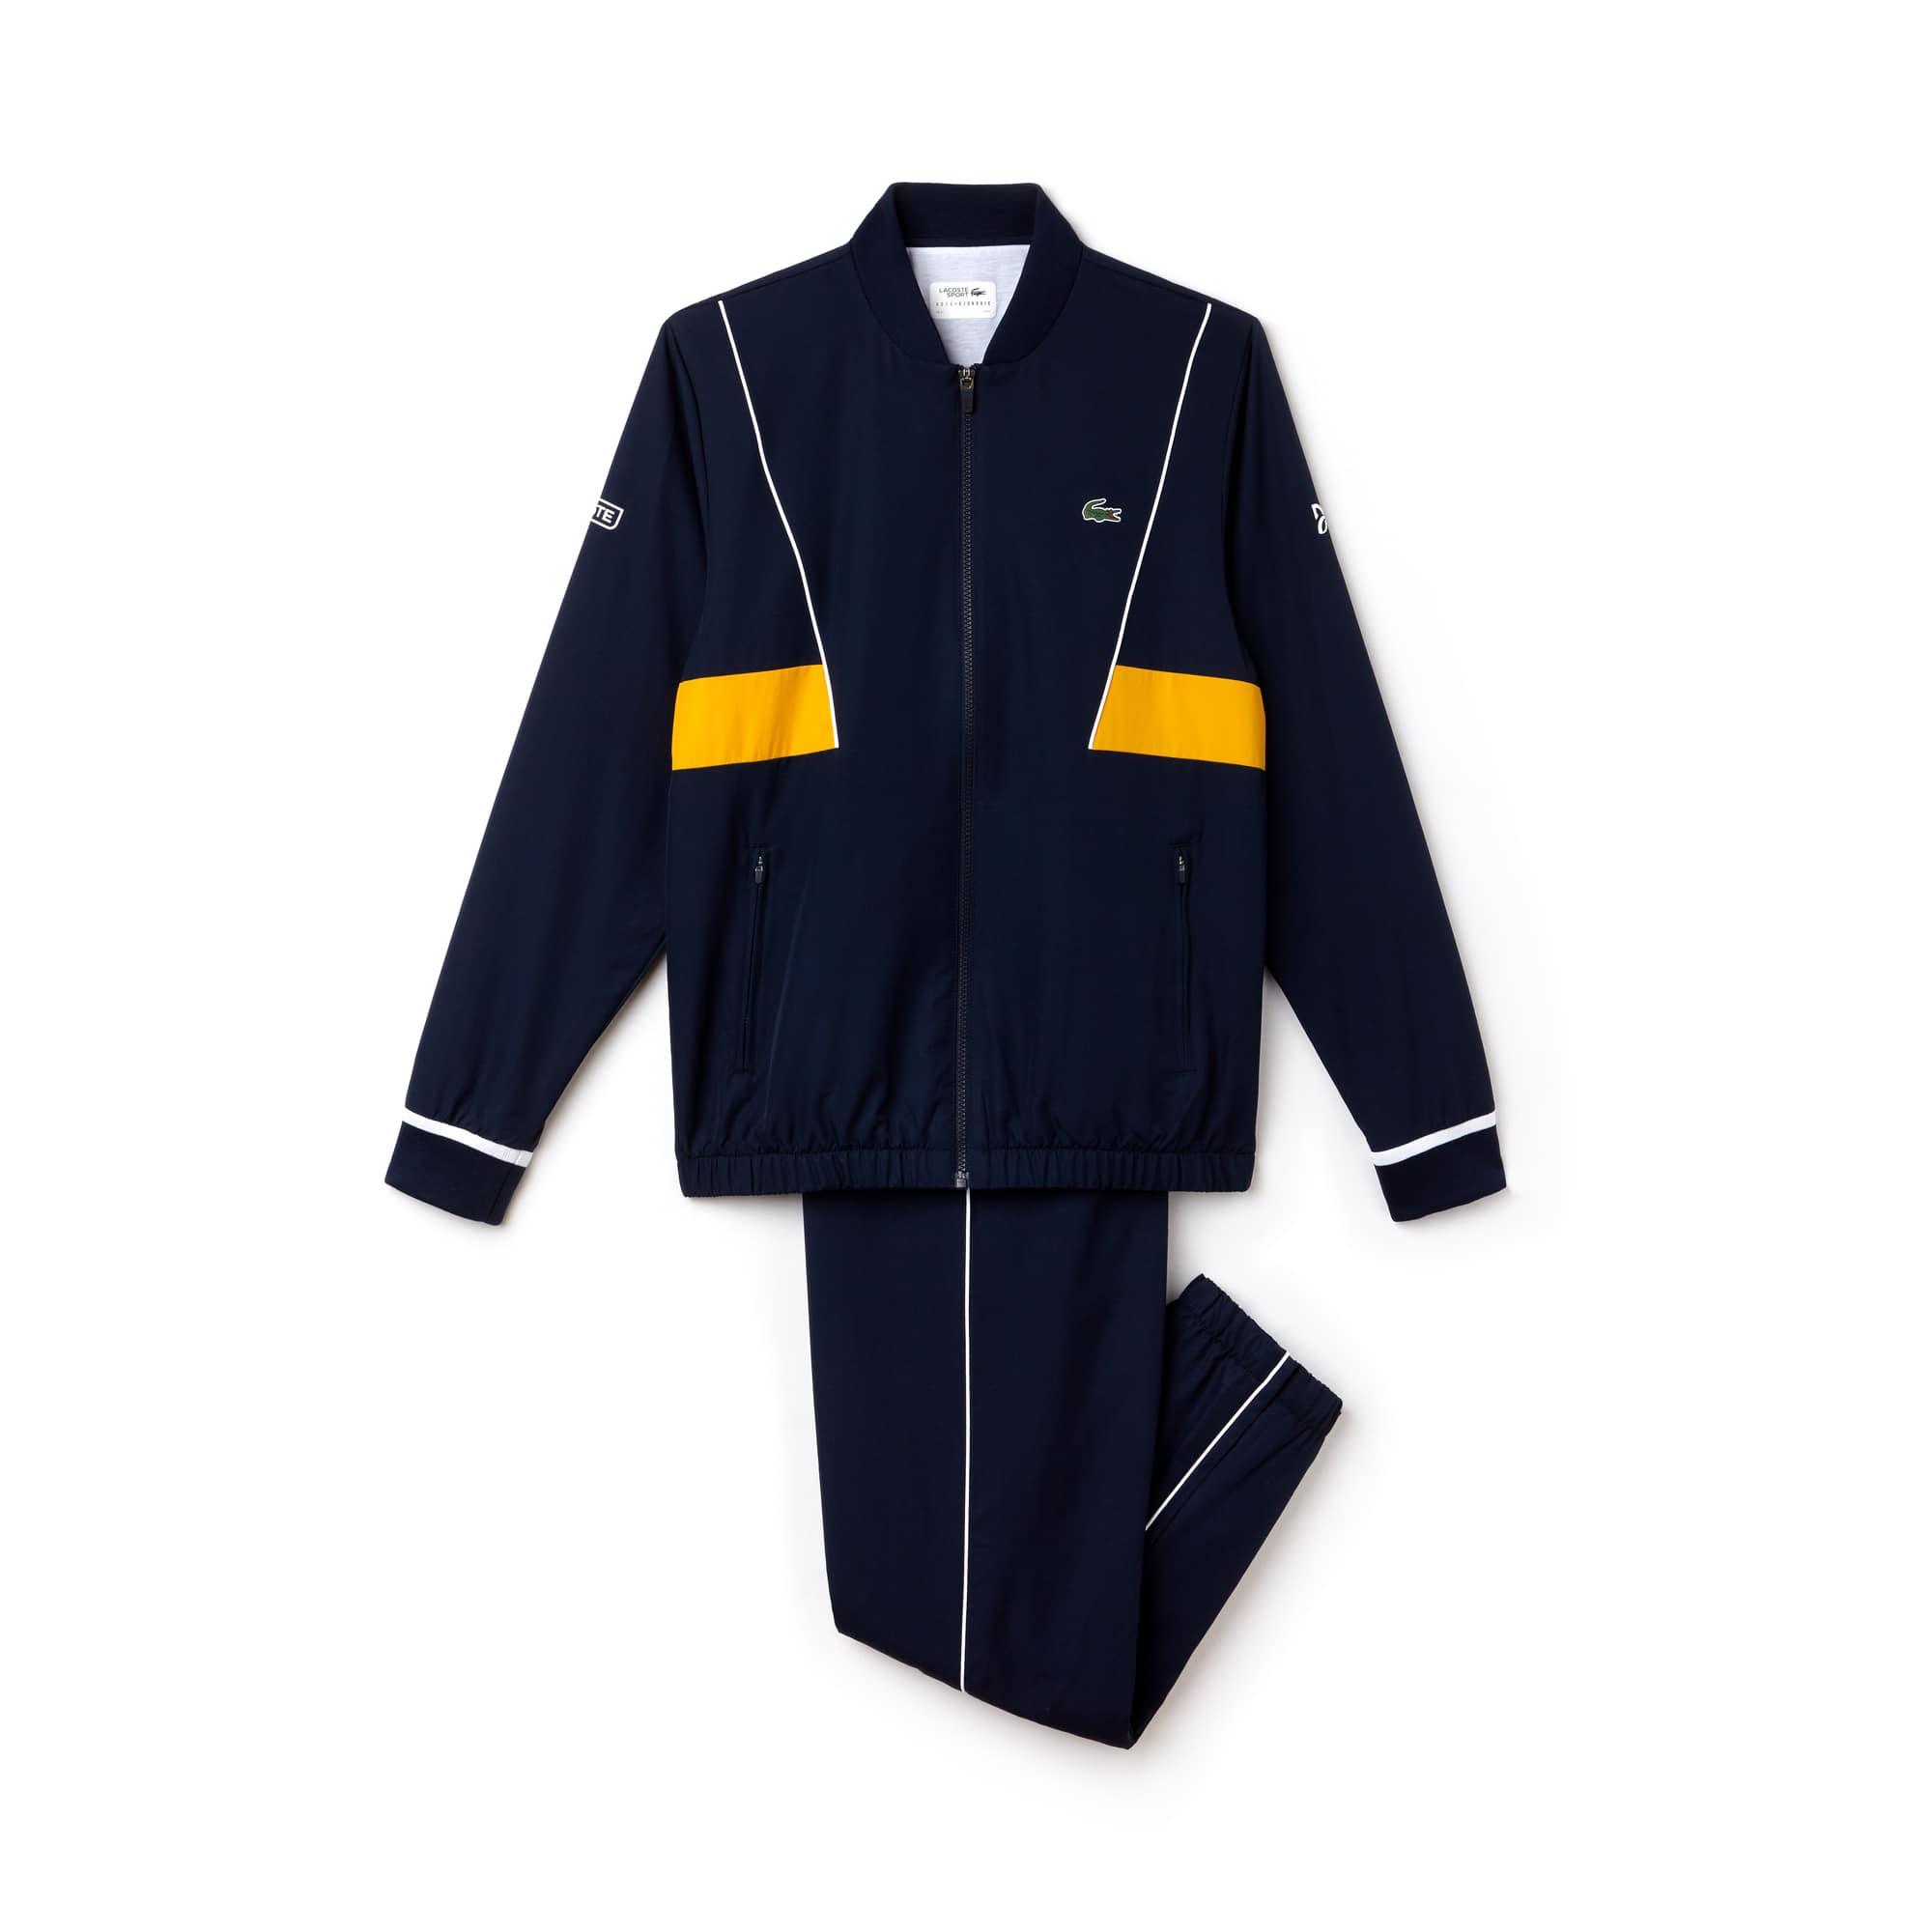 라코스테 스포츠 트랙 수트  Lacoste Mens SPORT Taffeta Tracksuit - Novak Djokovic Collection,navy blue/white-buttercup